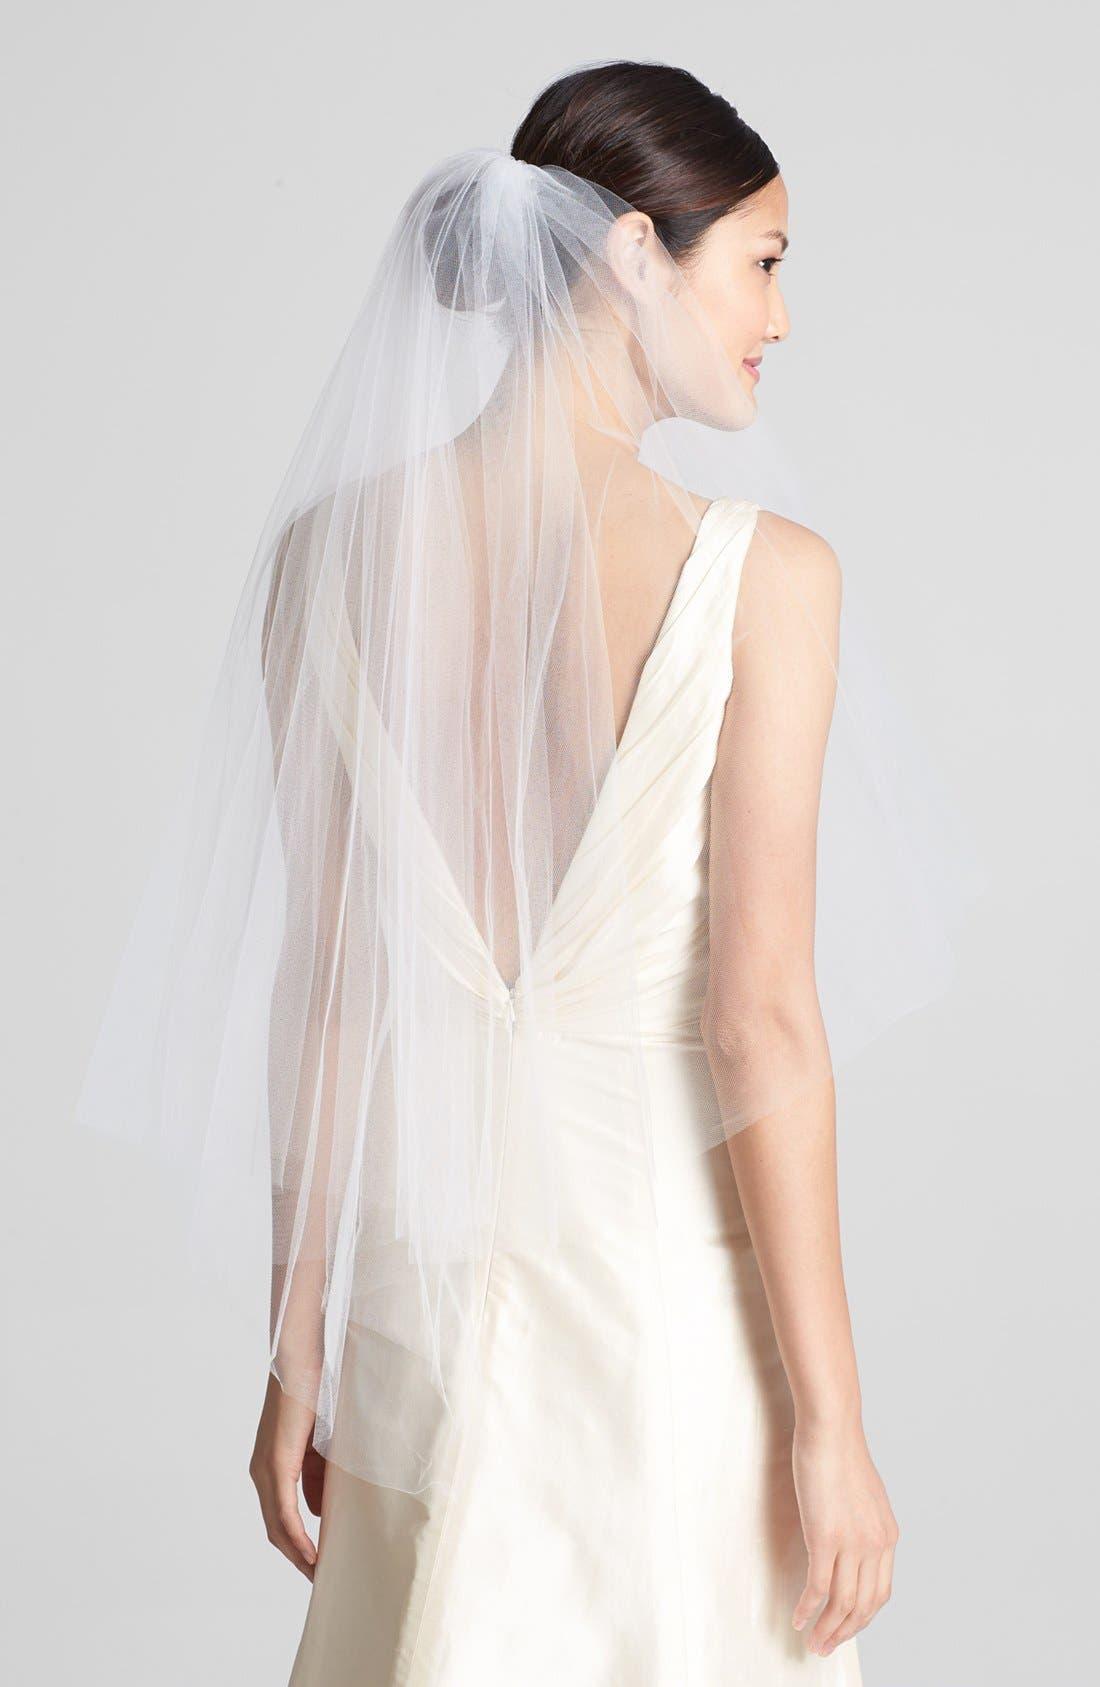 Wedding Belles New York 'Ellen' Veil (Nordstrom Exclusive)